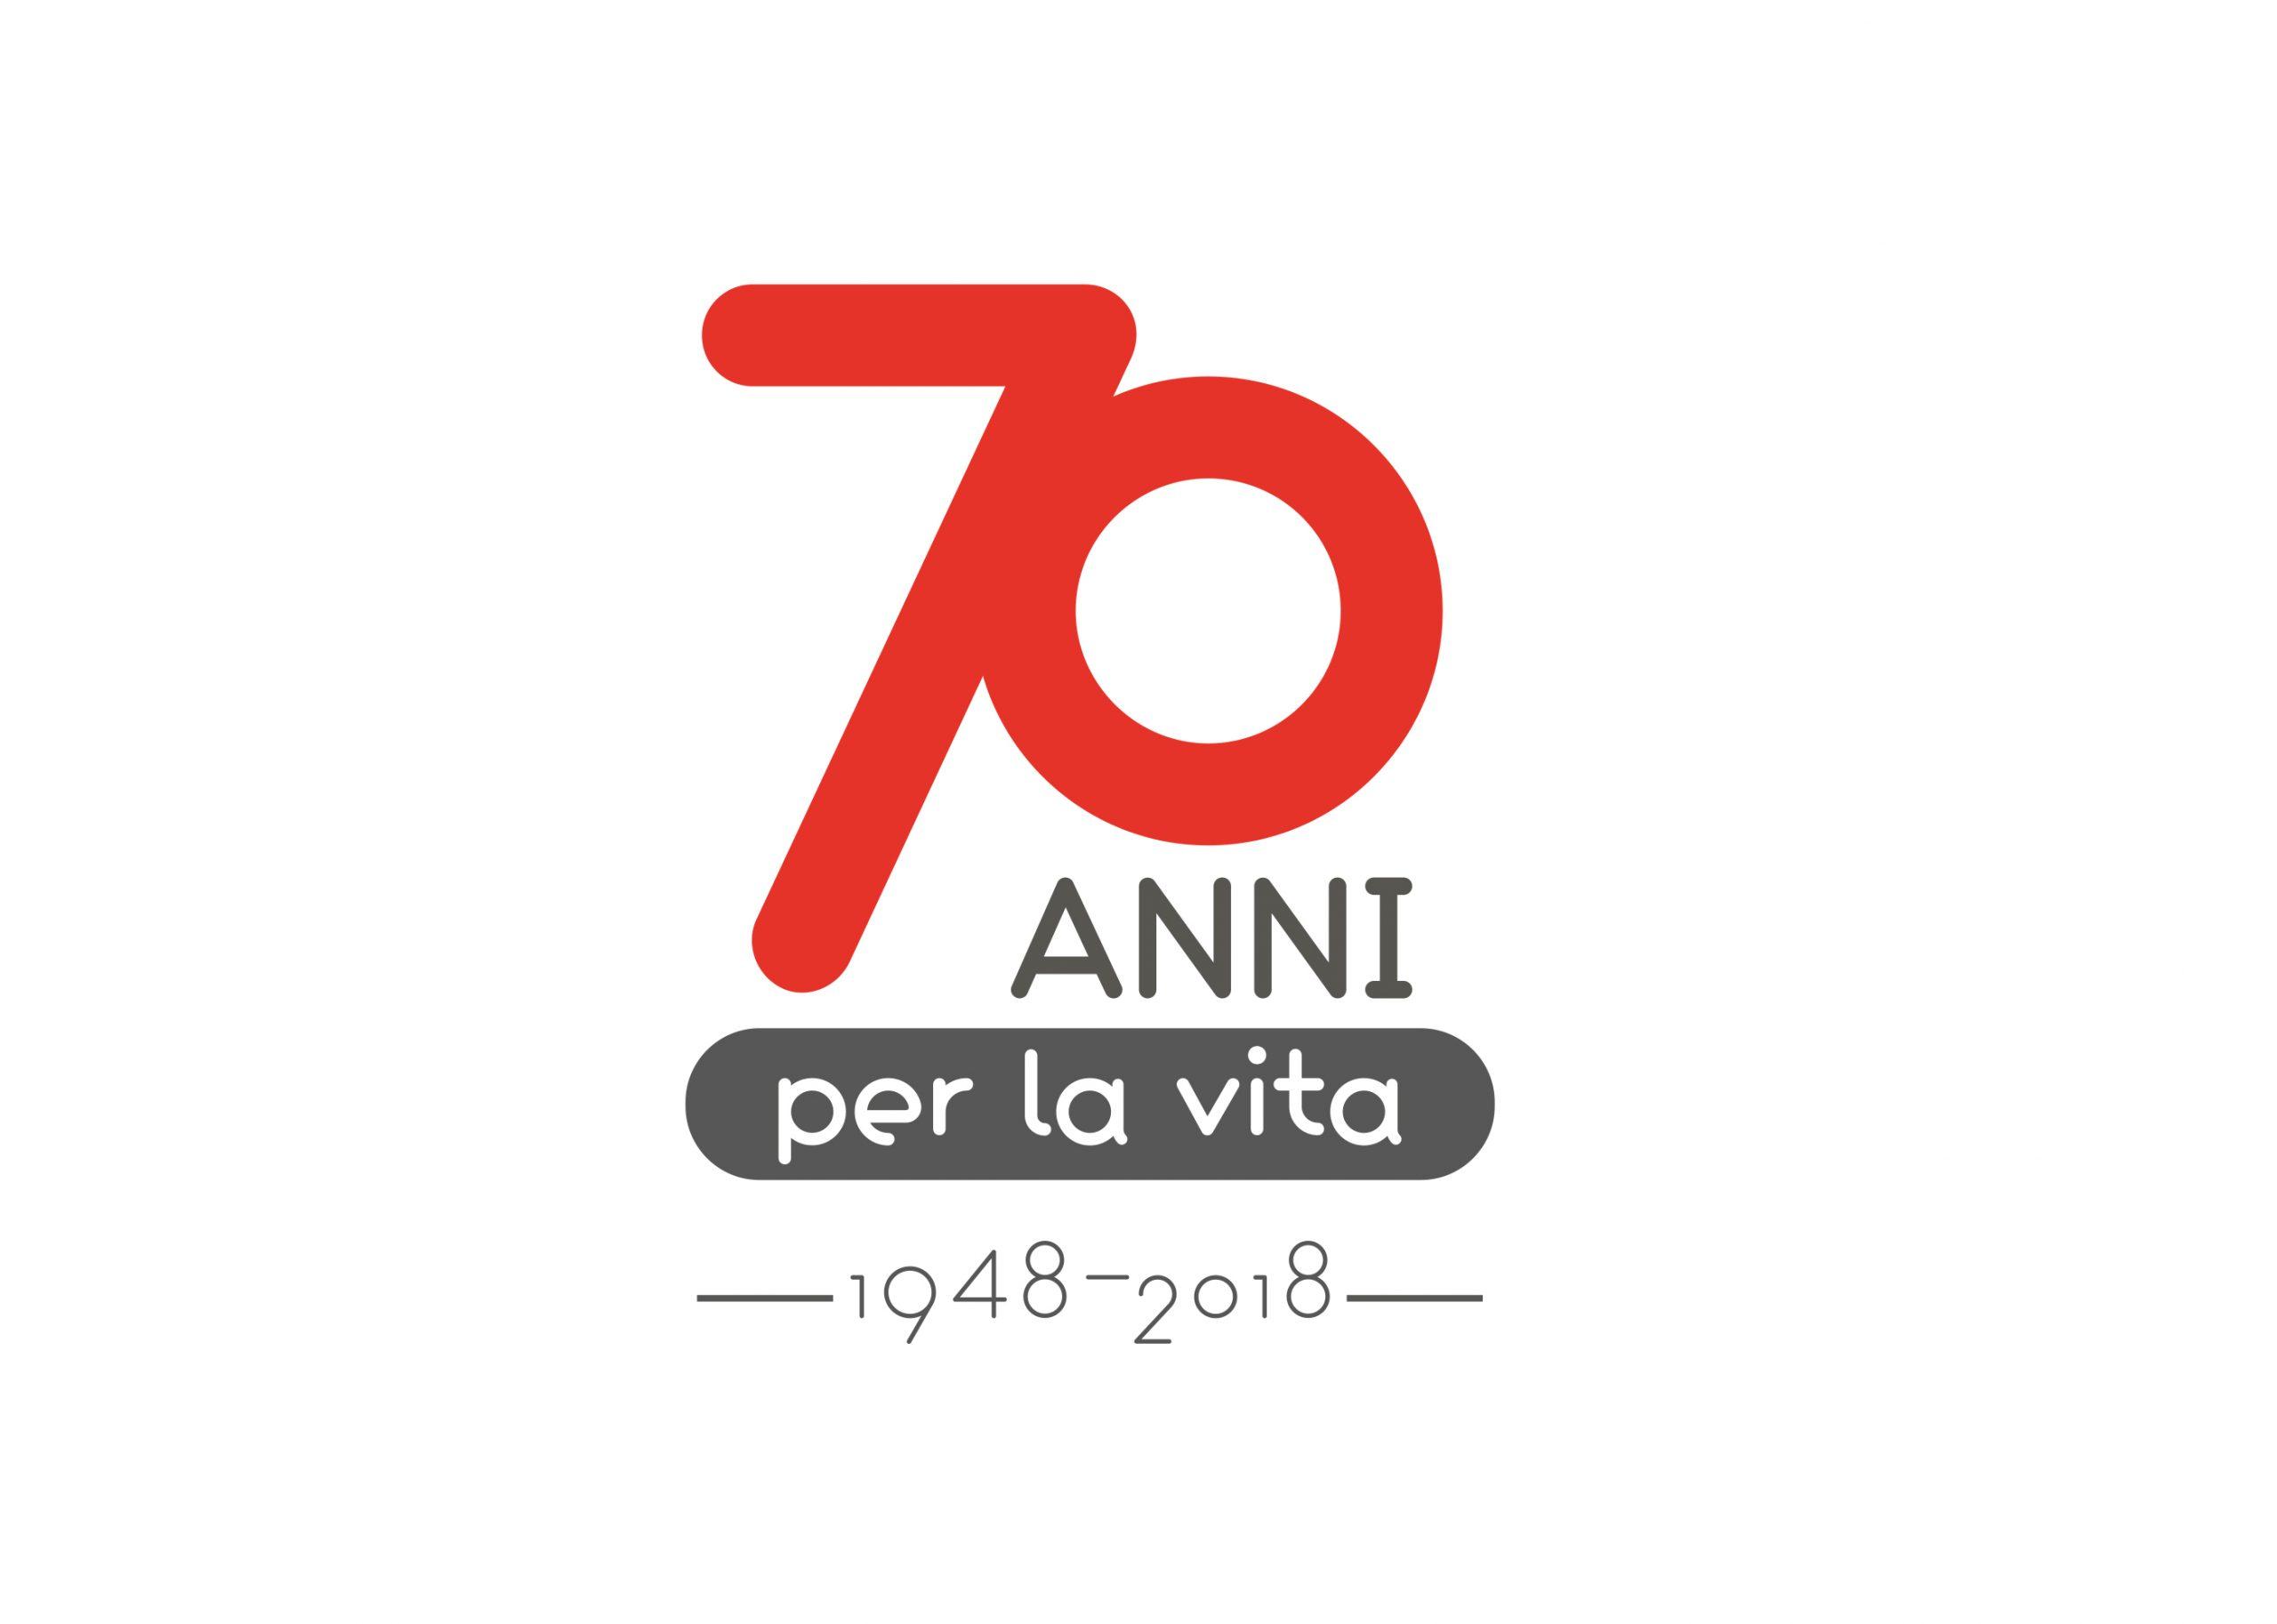 LILT 70 anni per la vita!